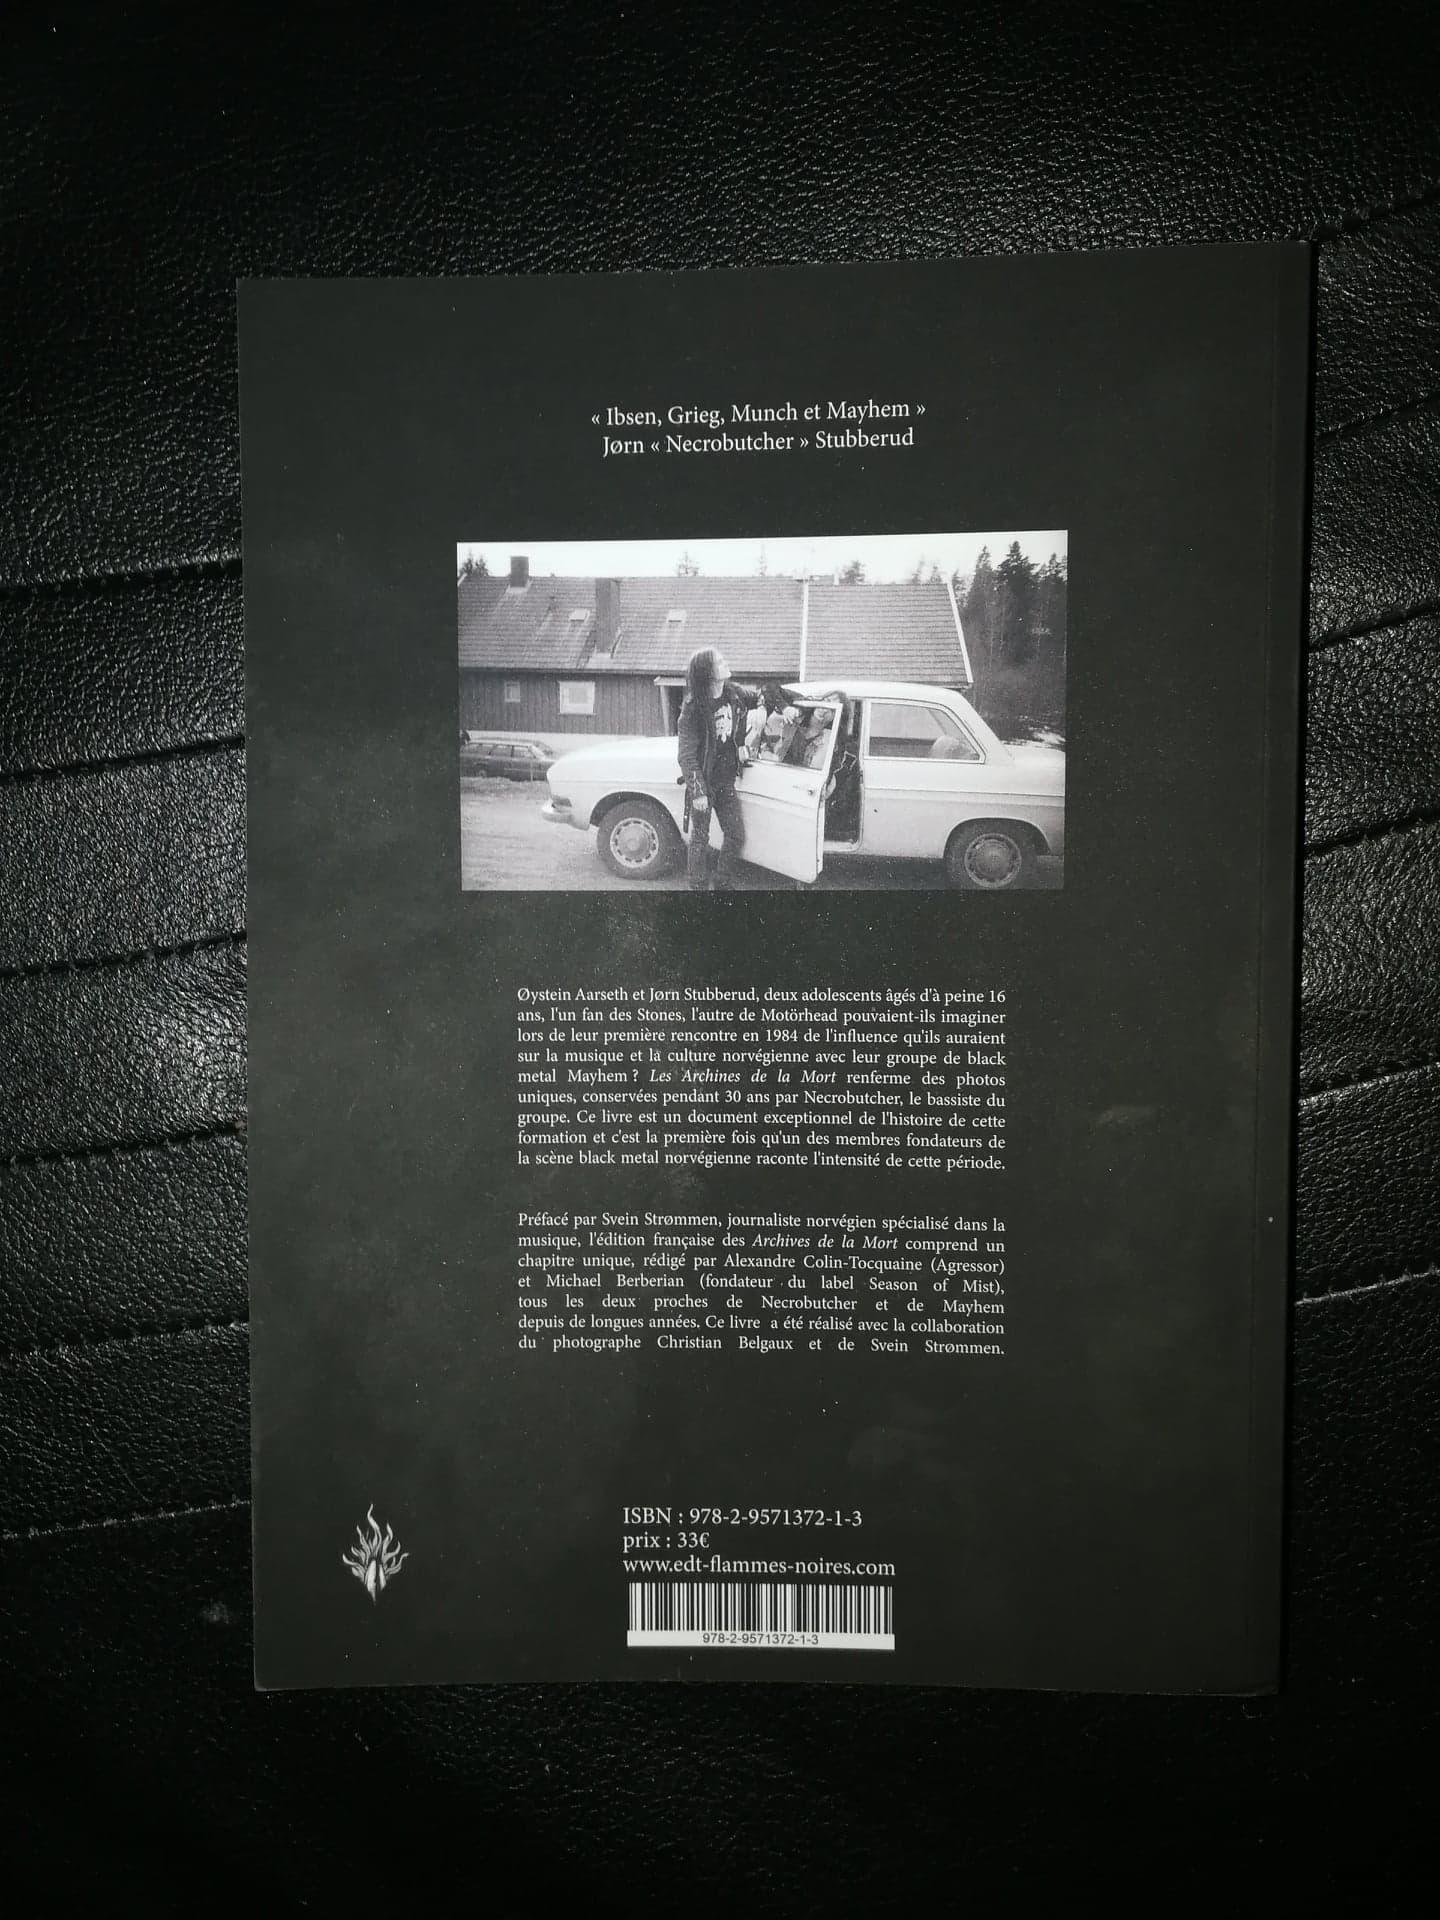 Mayhem 1984 - 1994 les archives de la mort